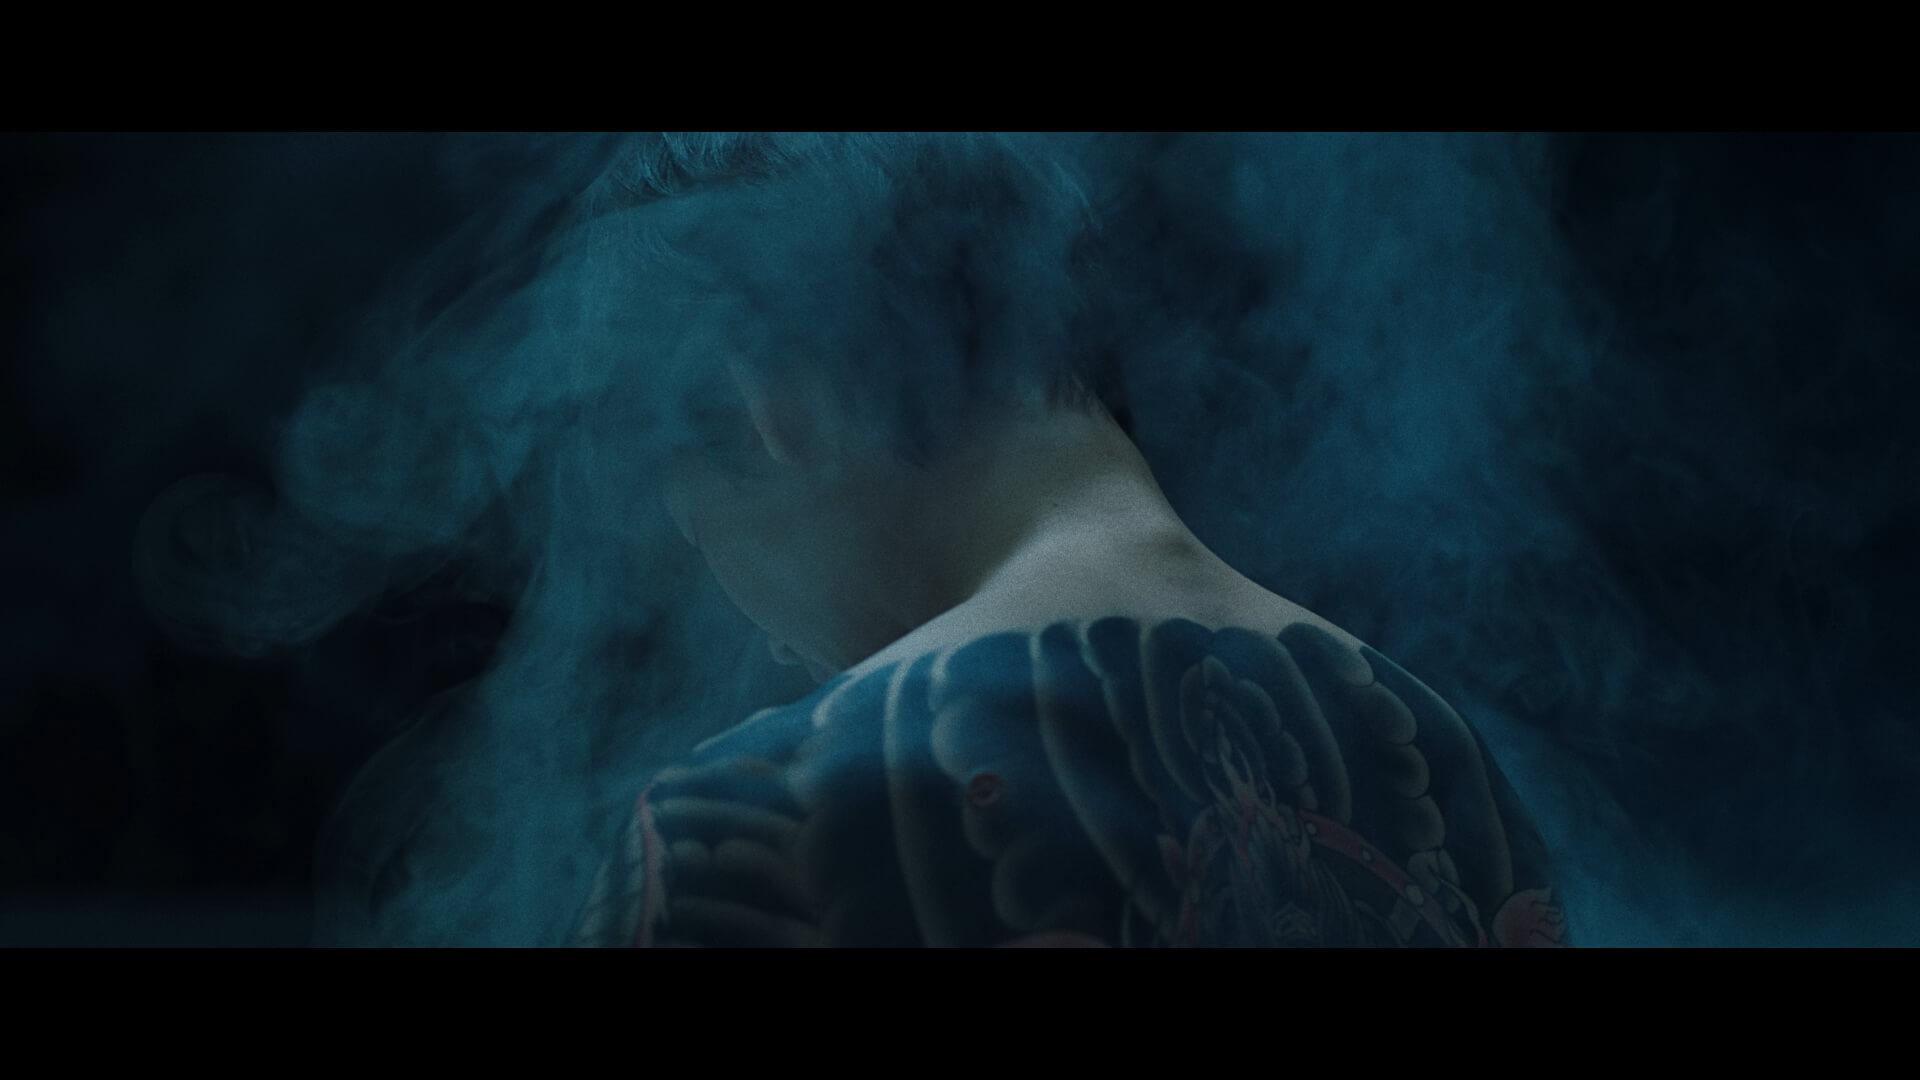 """常田大希率いるmillennium paradeの新曲""""FAMILIA""""がついに配信リリース!MVは同時視聴者数、驚異の2万人超え music210122_millenniumparade_7"""